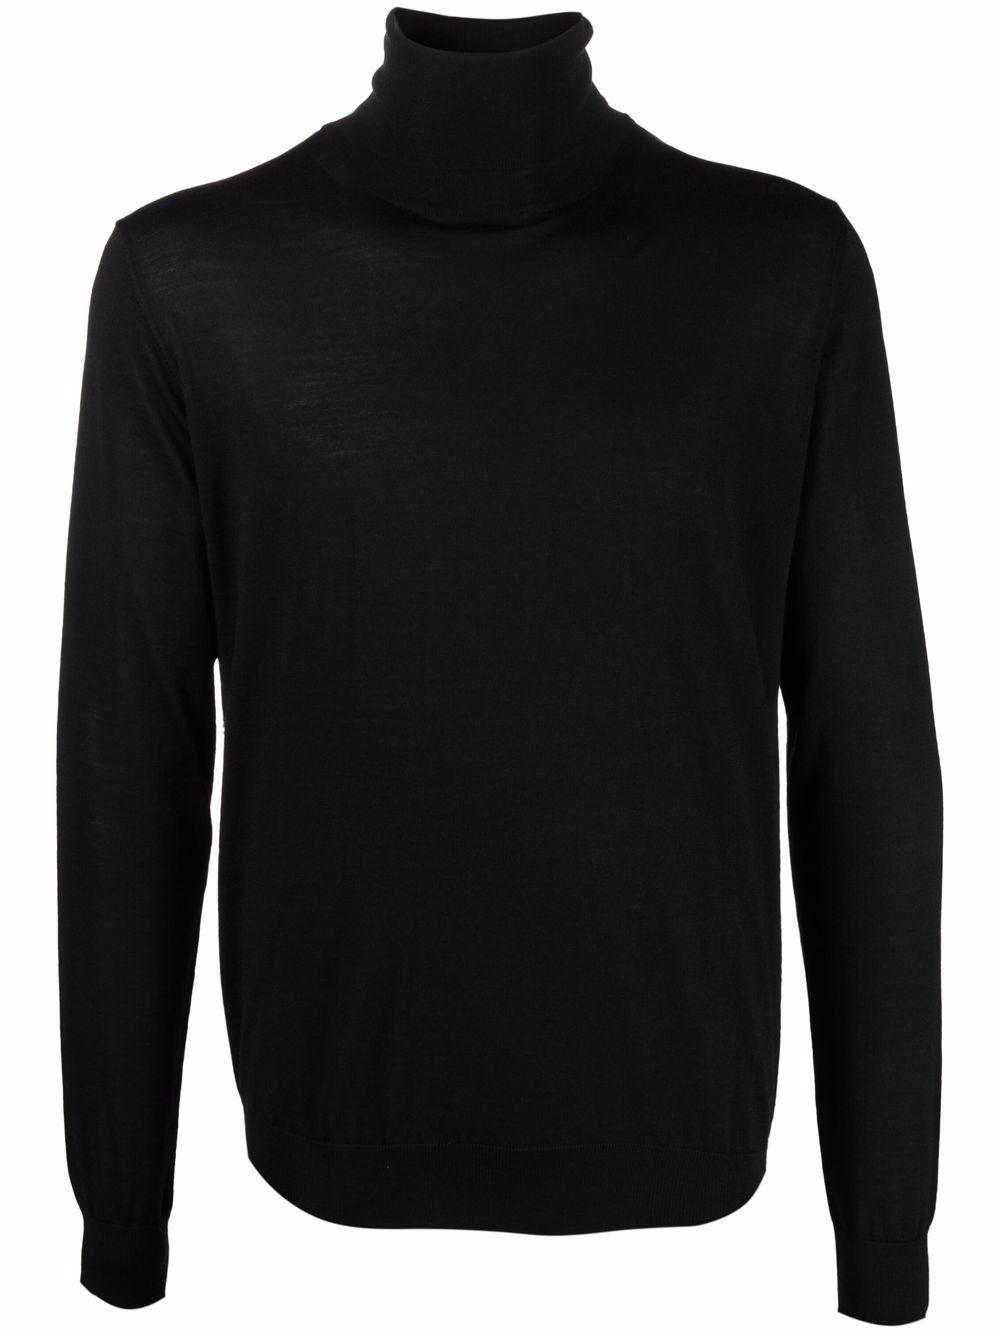 turtleneck sweater man black in wool LANVIN | Sweaters | RM-PO0041-K201-A2110